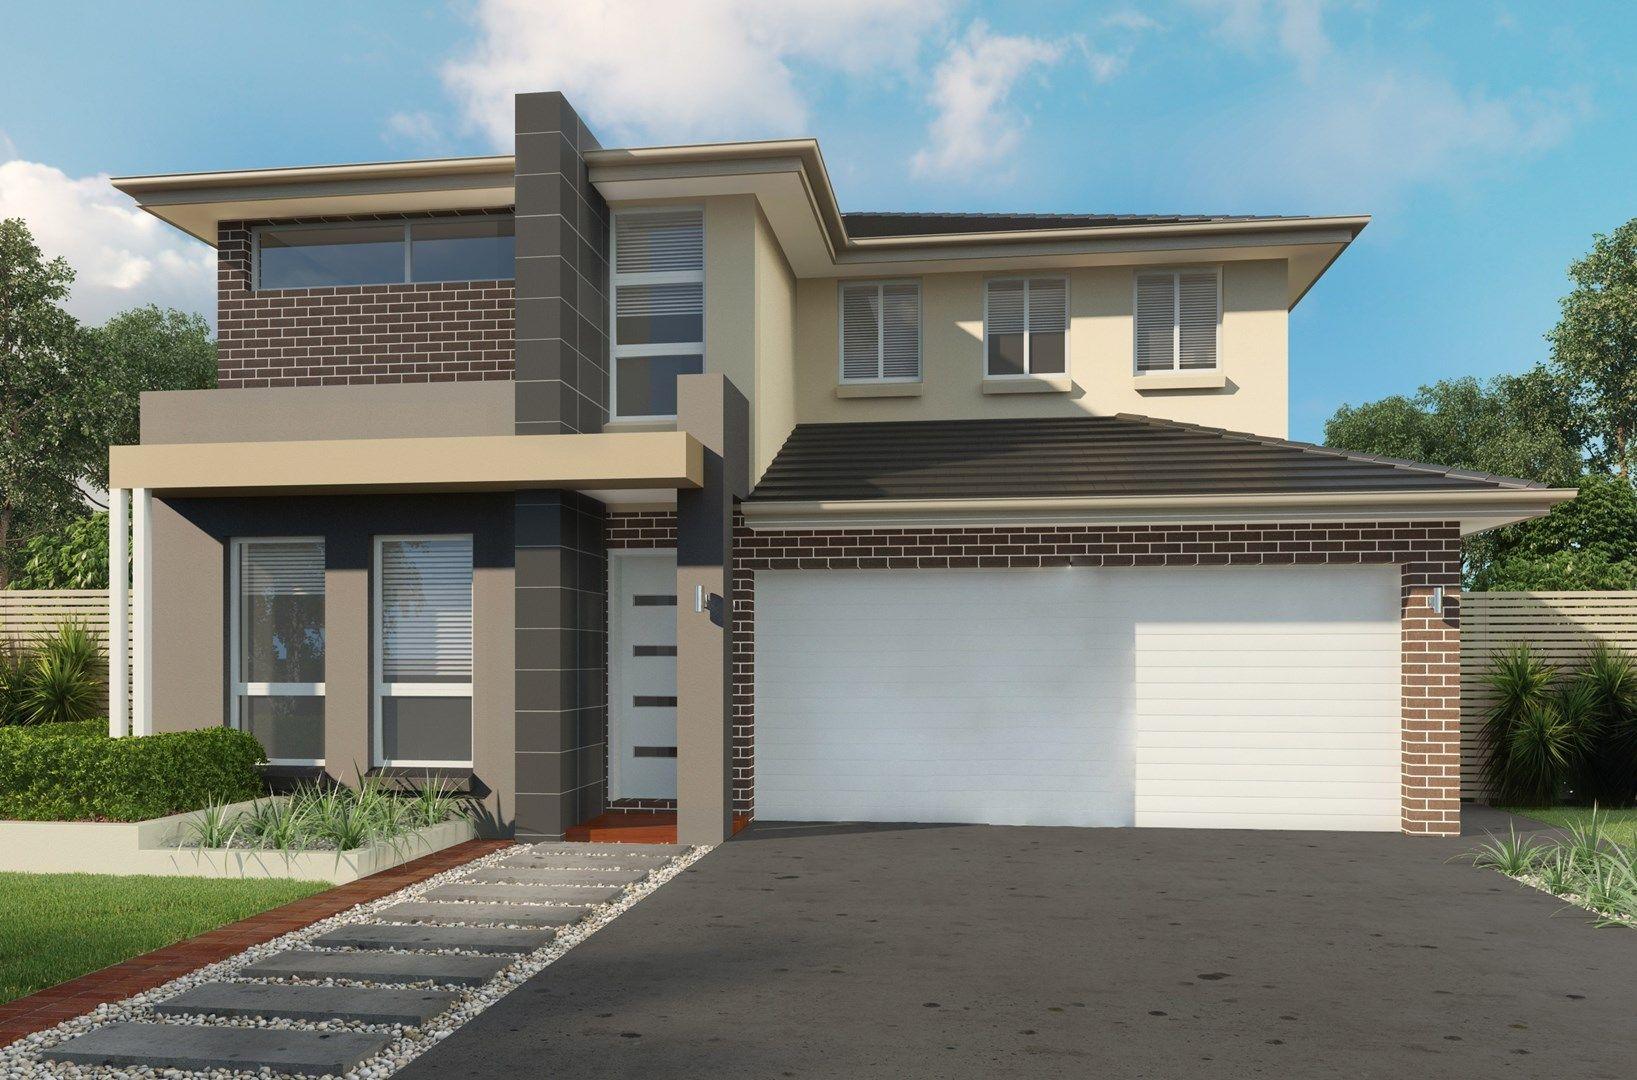 Lot 16, 45 Greenacre Drive, Tahmoor NSW 2573, Image 0